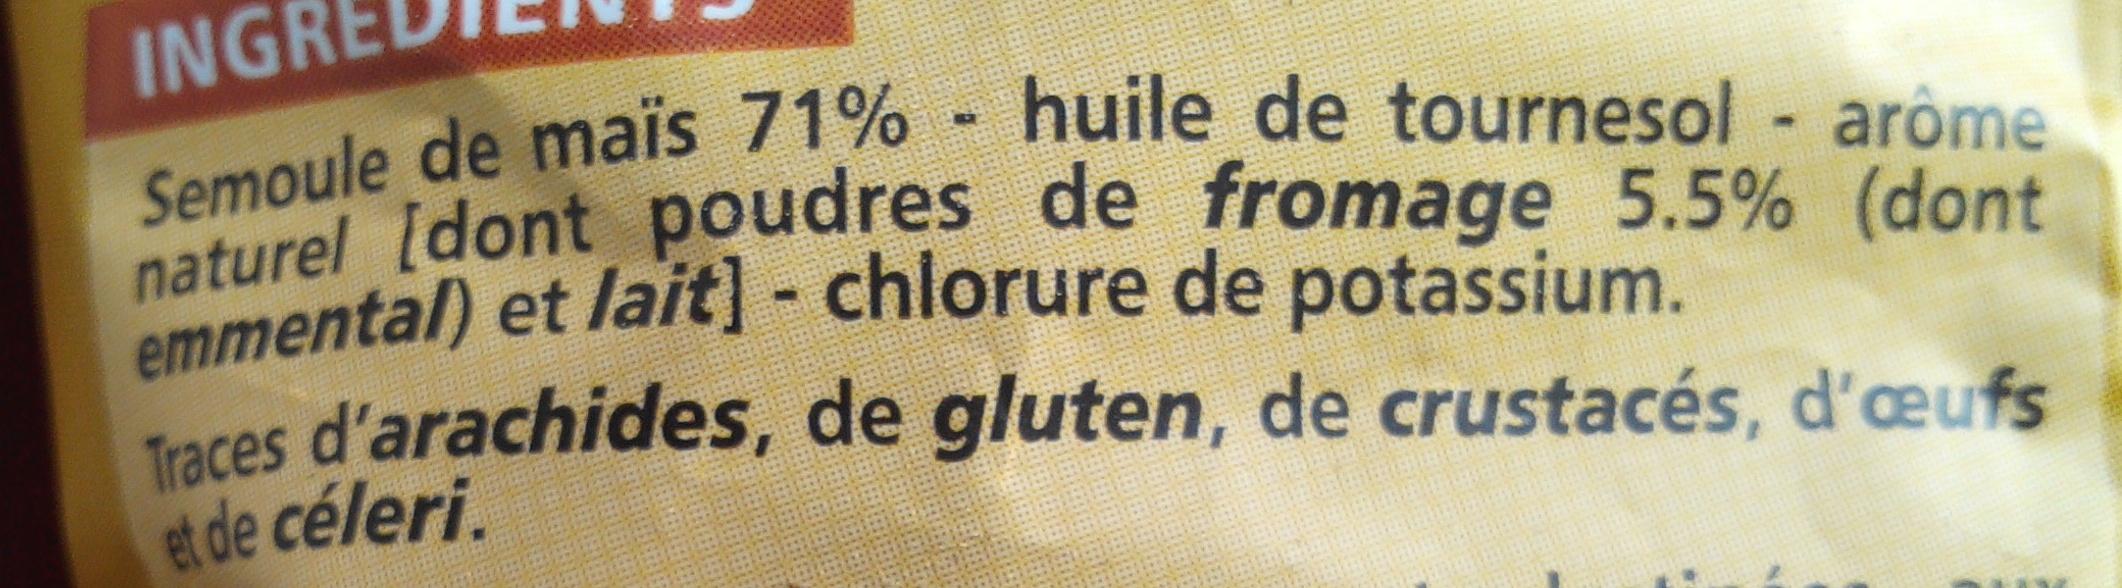 Croustillants goût Emmental - Ingredients - fr